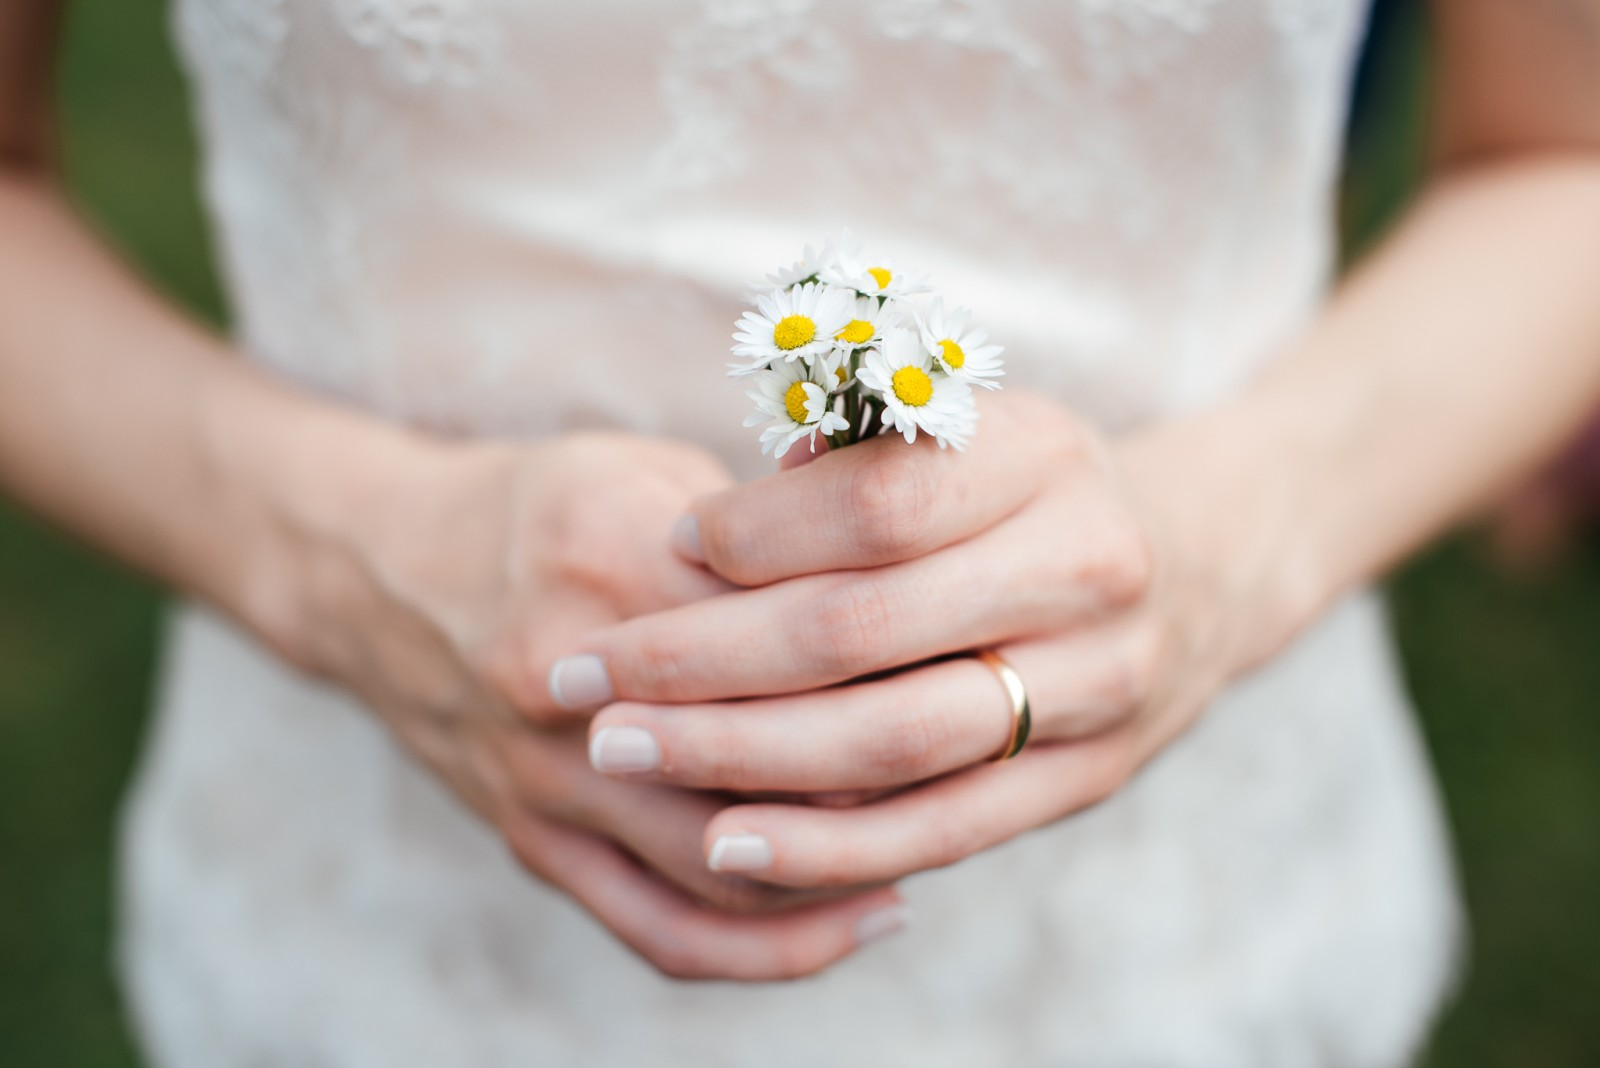 fotografo matrimonio monza brianza milano fotografia bouquet max allegritti